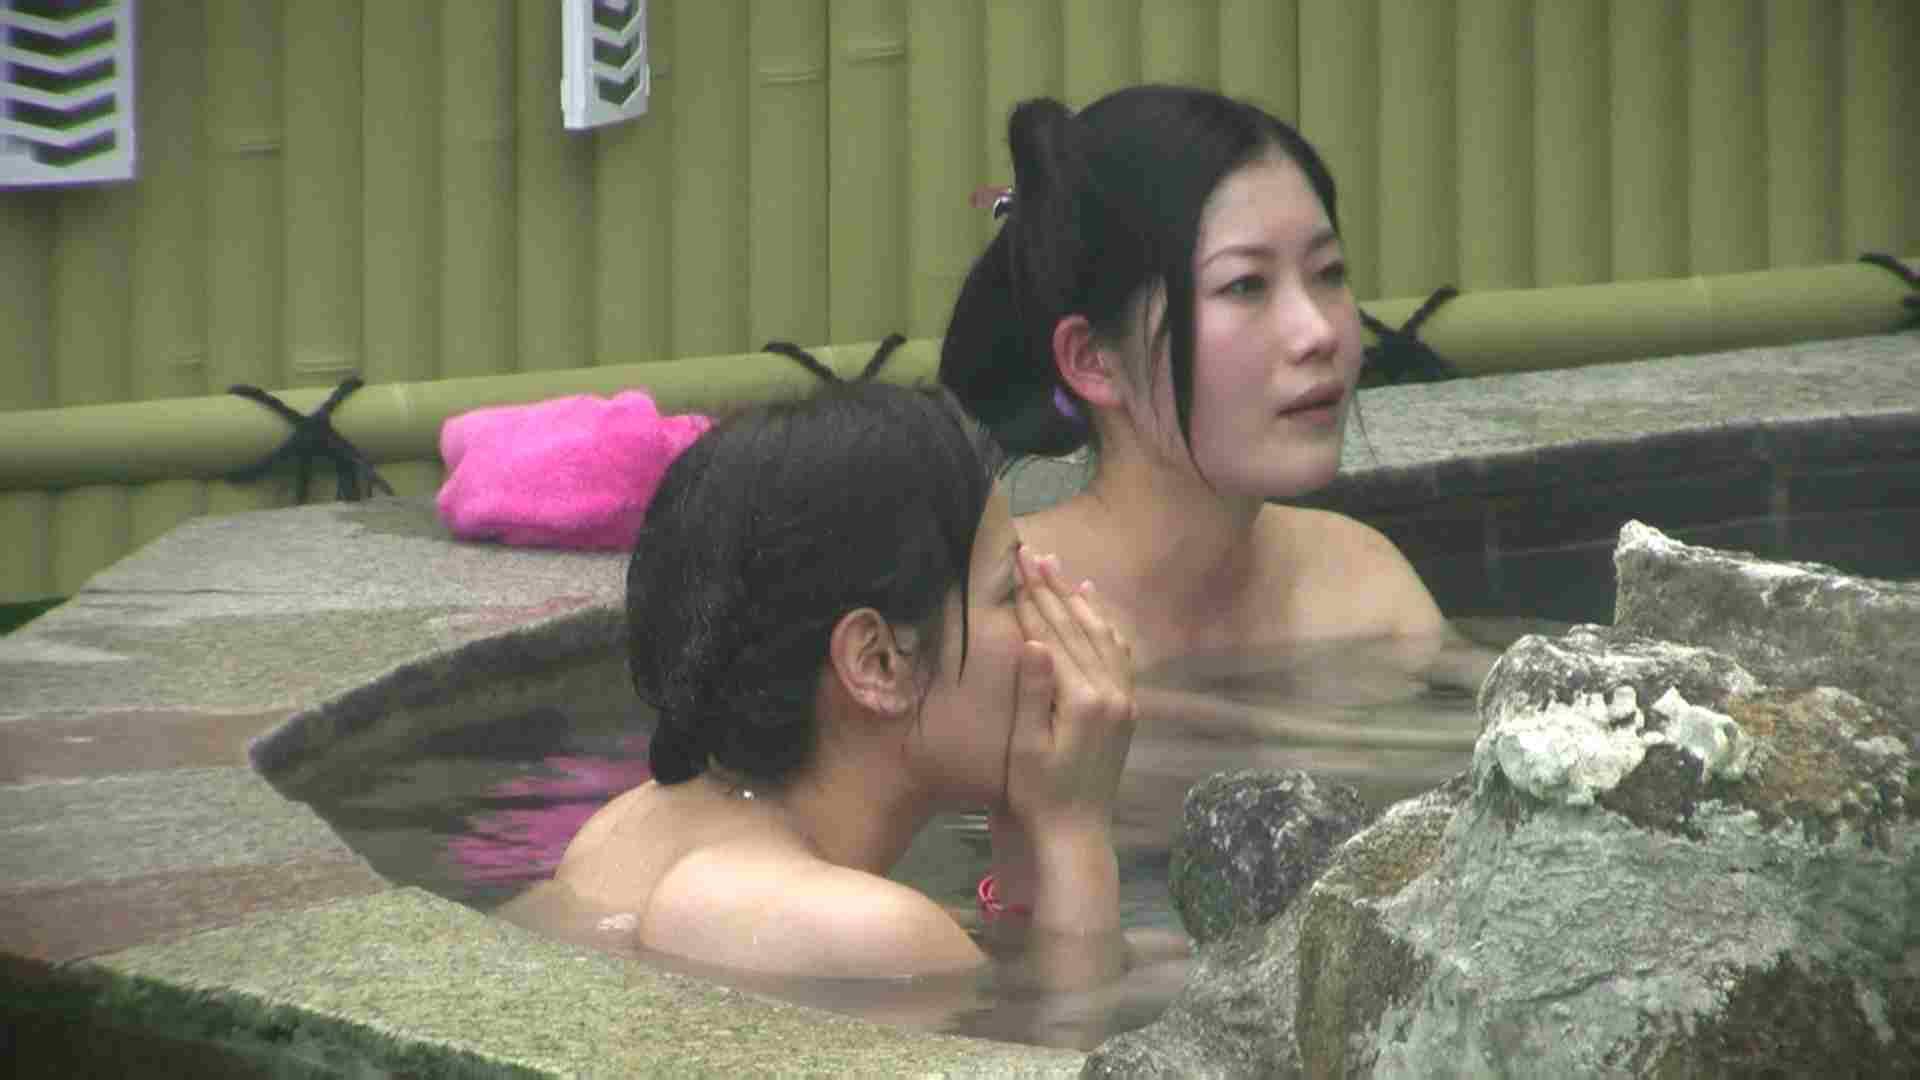 高画質露天女風呂観察 vol.039 乙女すけべ画像 エロ画像 13連発 11